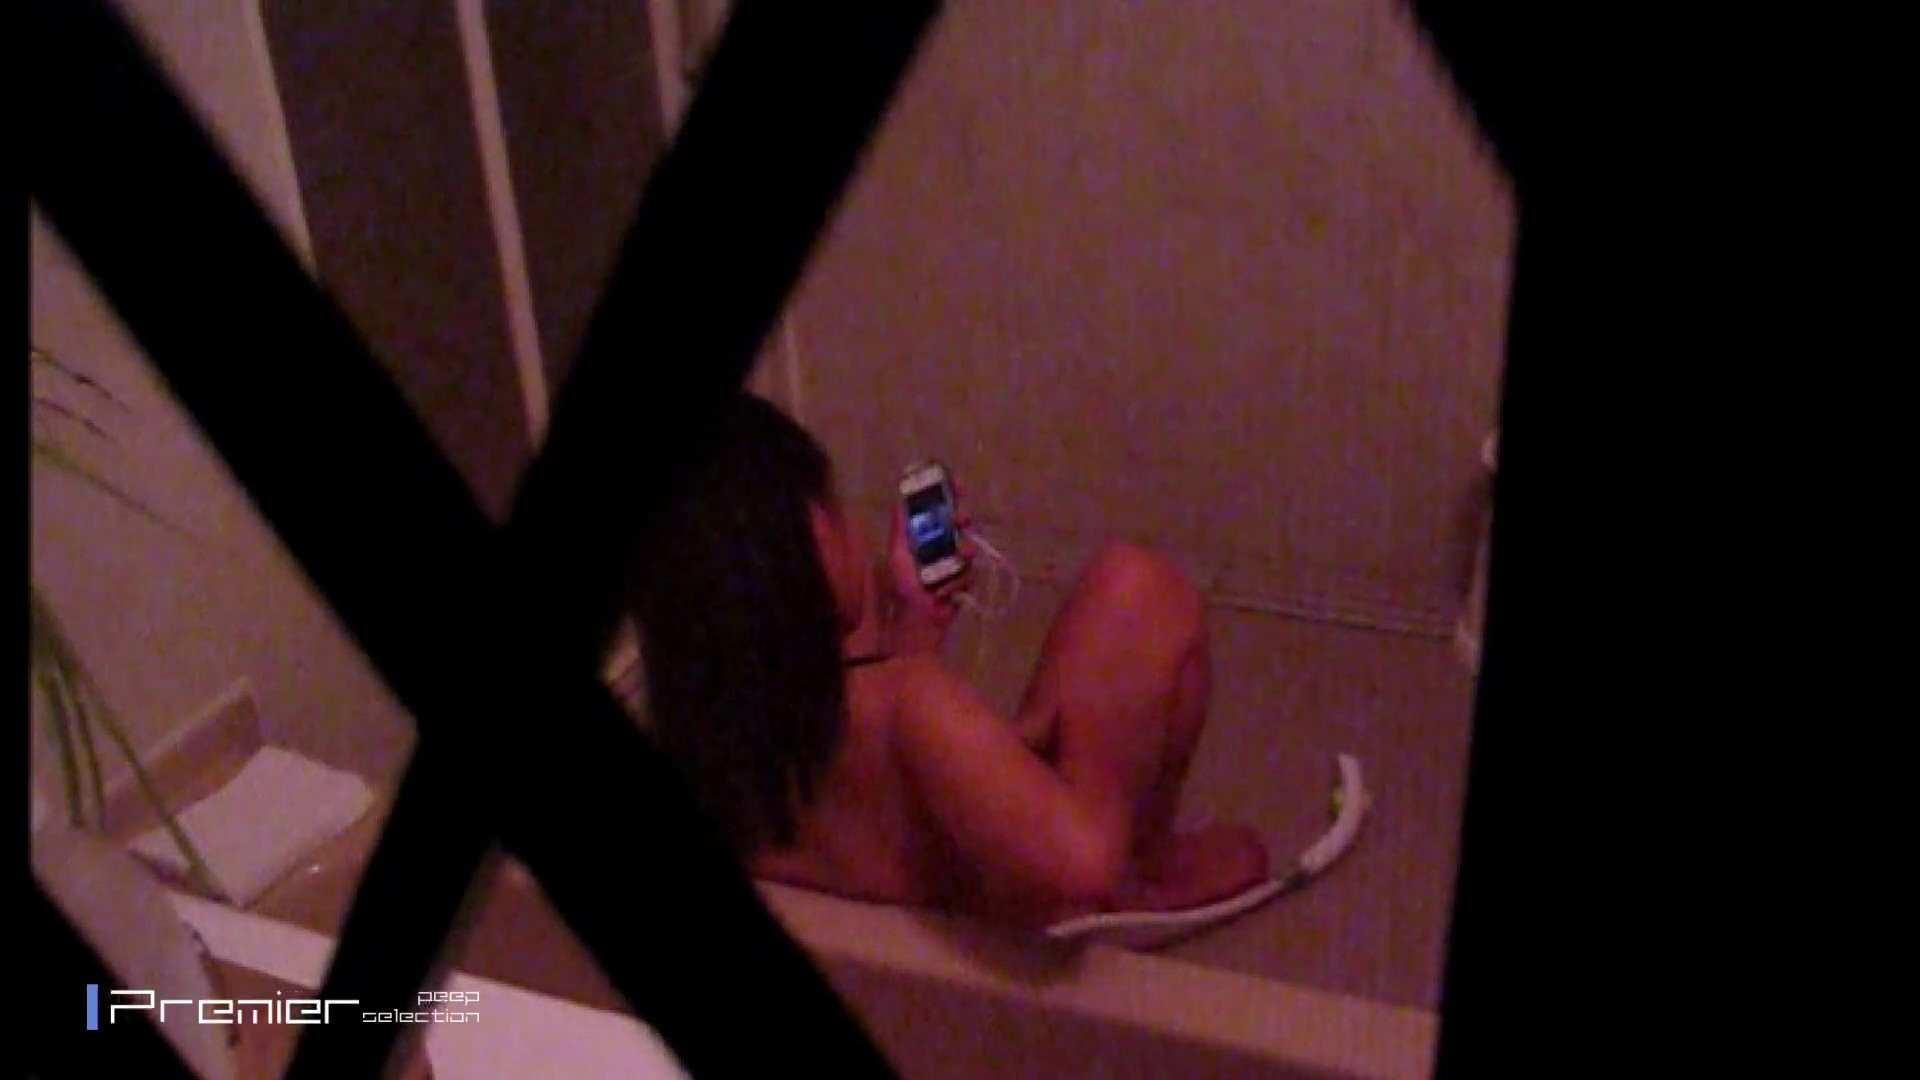 携帯触りなが満子をいじる 乙女の風呂場 Vol.19 OLの実態 | 盗撮  98pic 1